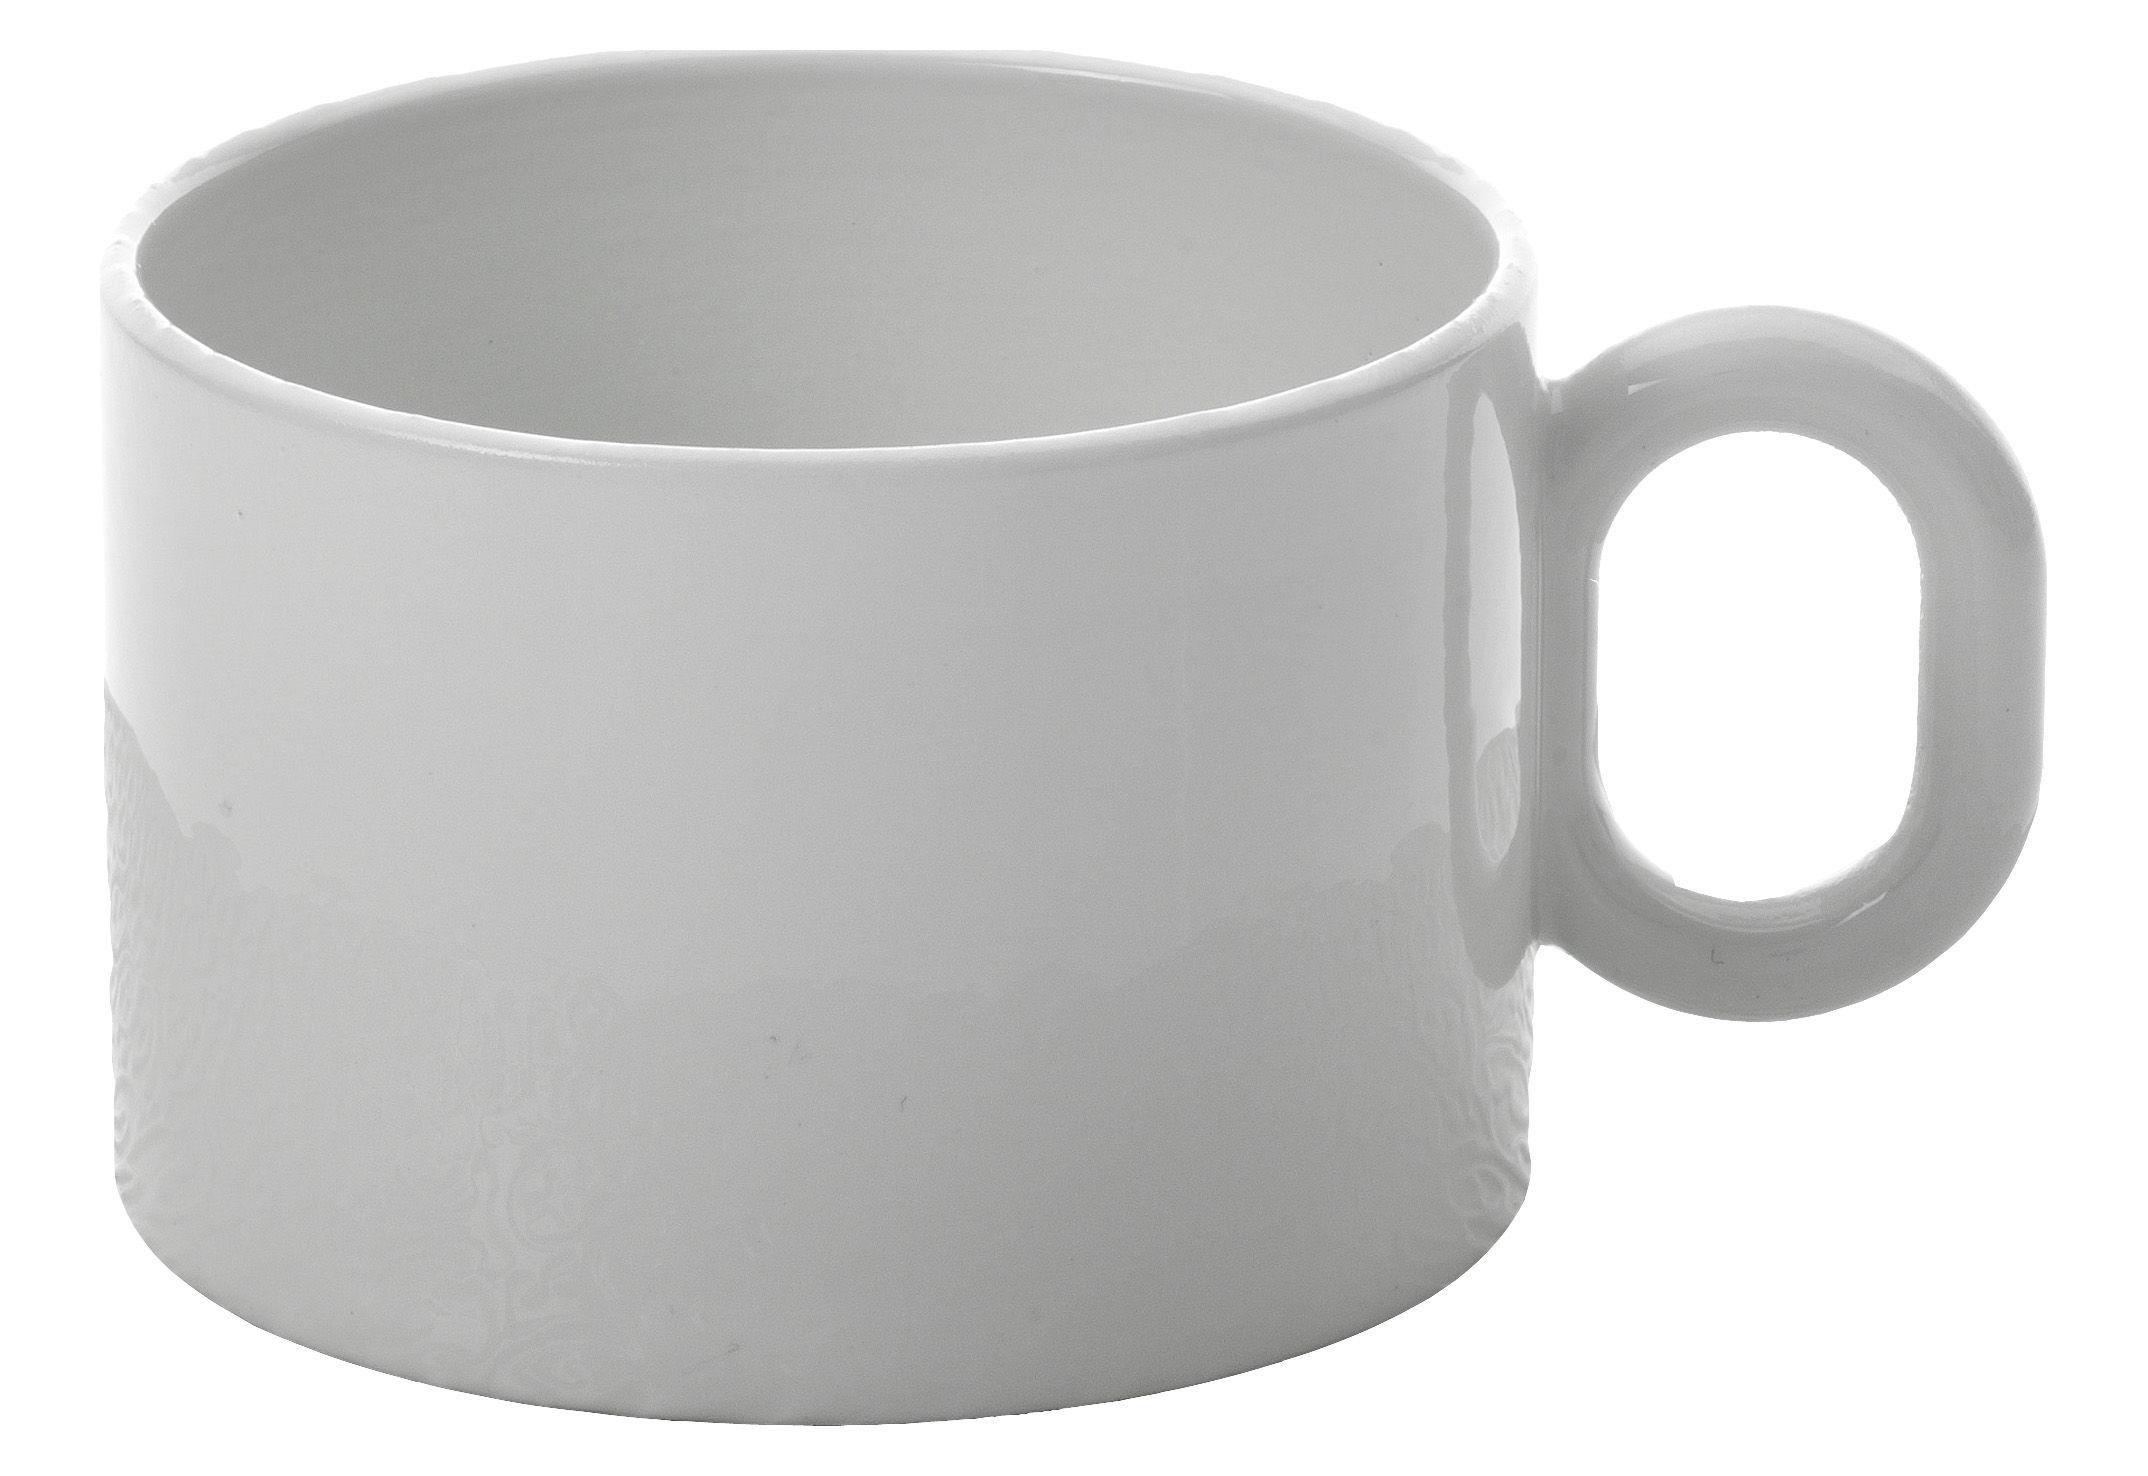 Tavola - Tazze e Boccali - Tazza da tè Dressed di Alessi - Tazza da tè - Bianco - Porcellana